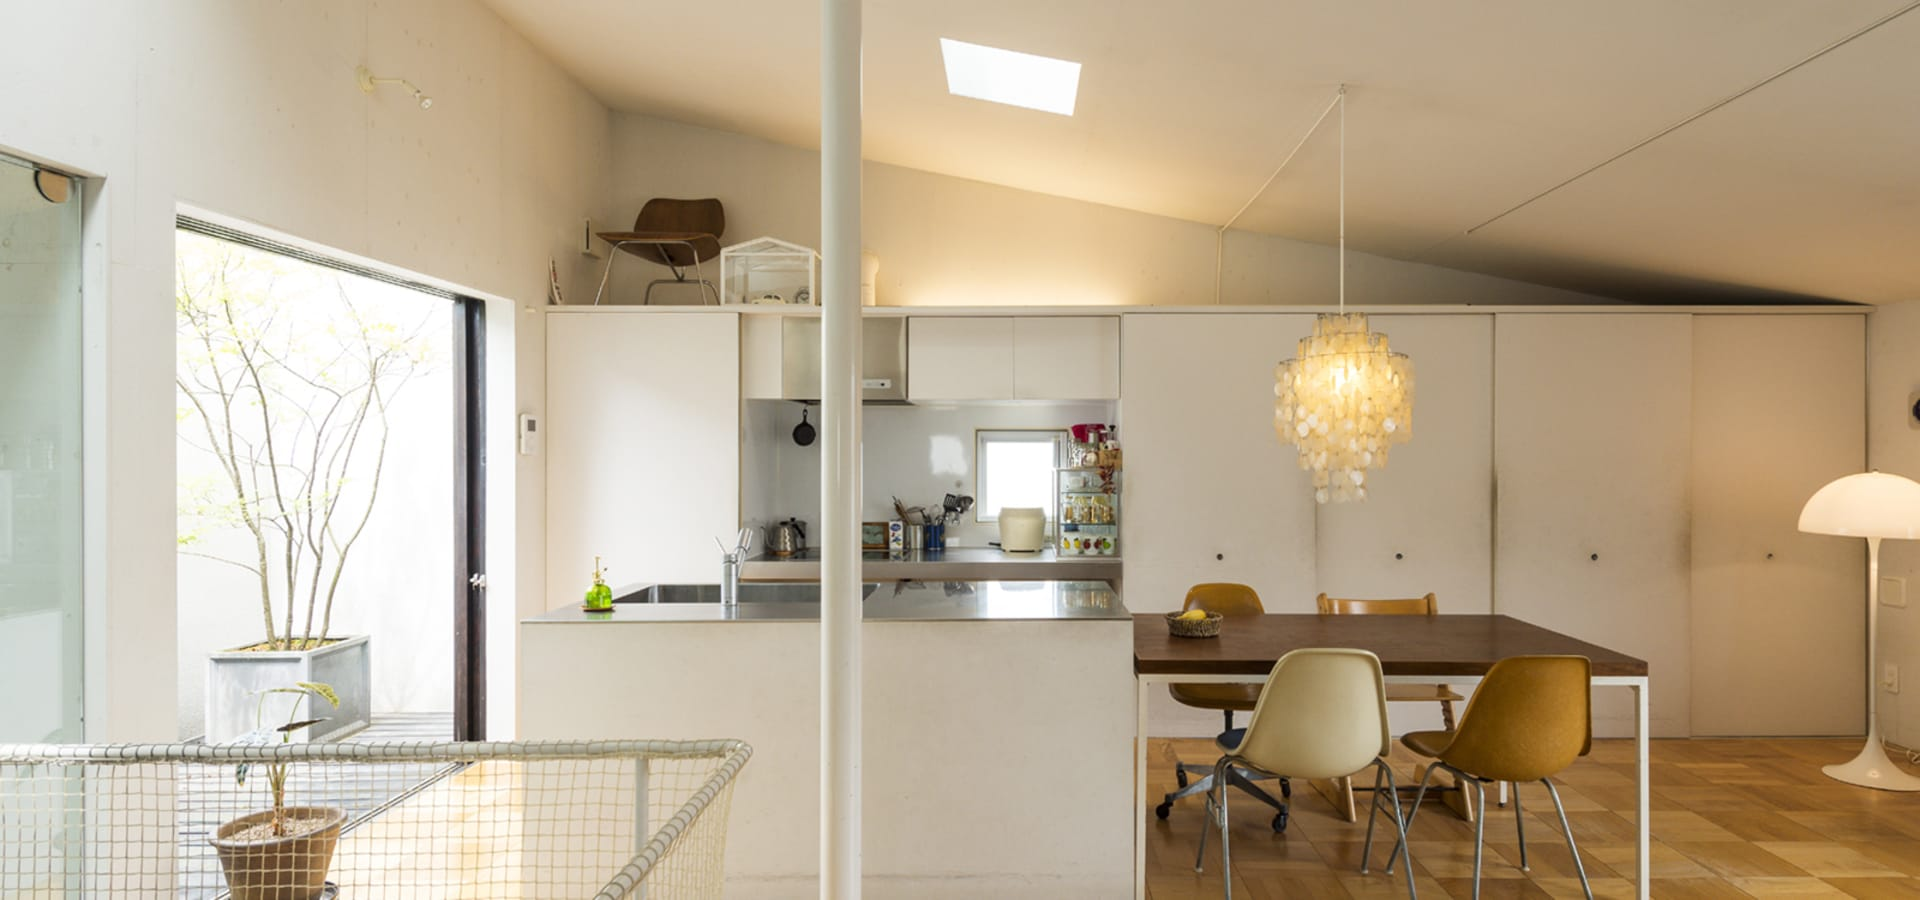 トクモト建築設計室